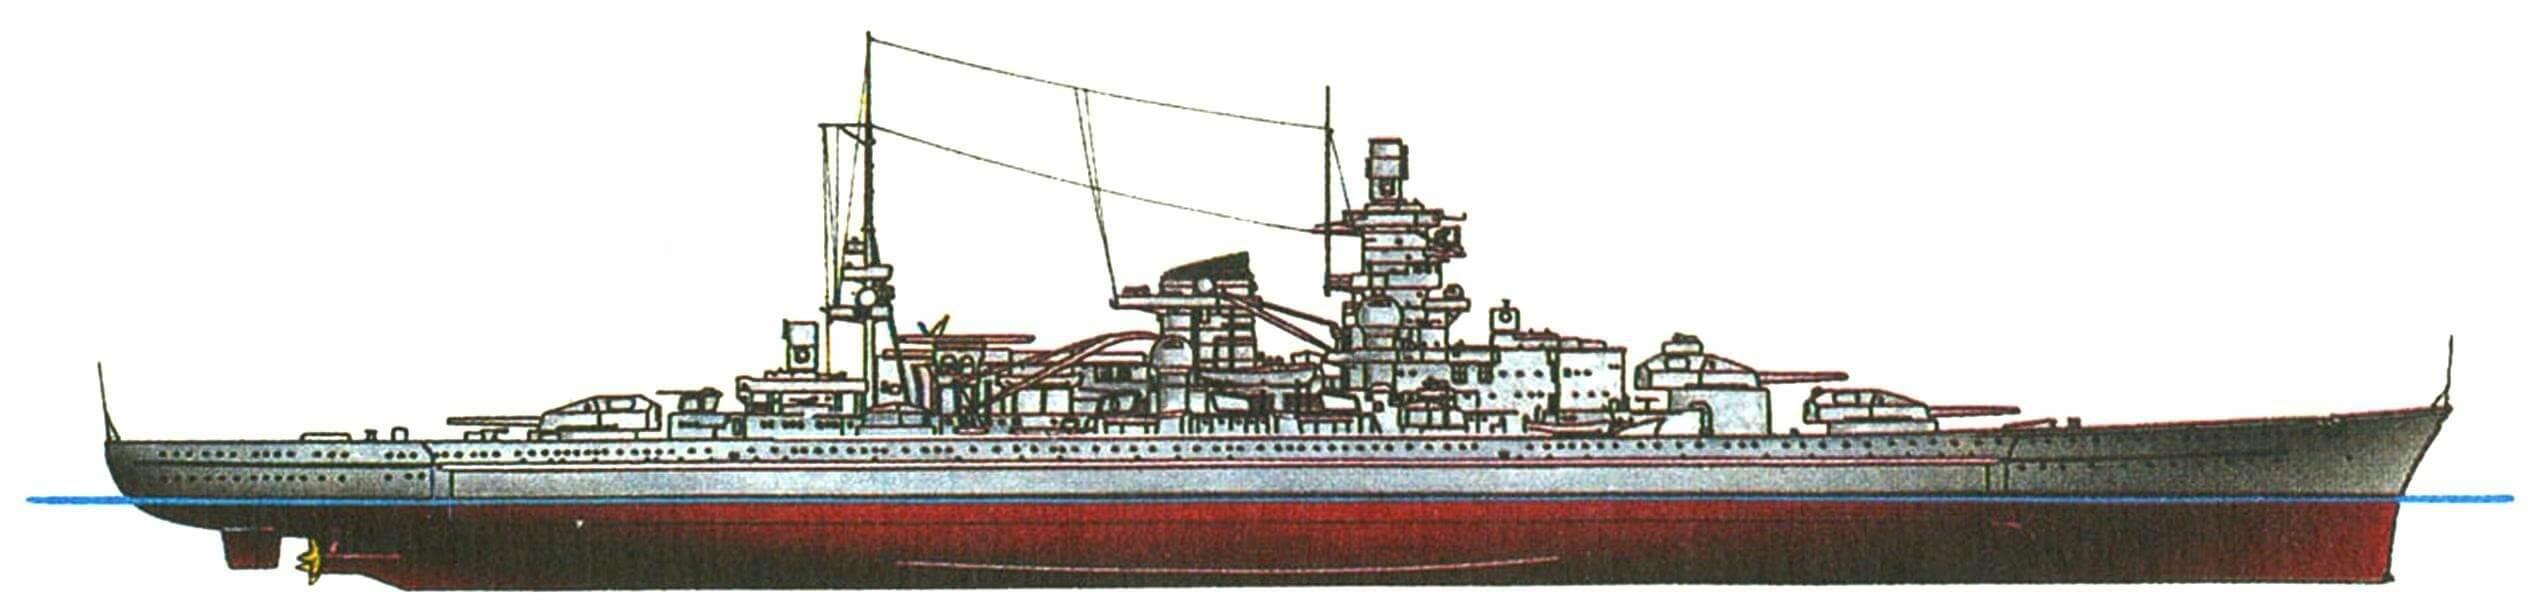 230. Линкор «ГНЕЙЗЕНАУ», Германия, 1938 г. Заложен в 1934 г., спущен на воду в 1936 г. Водоизмещение стандартное 32 100 т, нормальное 35 540 т, полное 38 100 т. Длина наибольшая 229,8 м (234,9 м после переделки форштевня), ширина 30 м, осадка 9,9 м. Мощность паротурбинной установки 160 000 л.с., скорость 31 уз. Броня: пояс 350—170 мм, верхний пояс до 45 мм, палубы 50 + 80 мм, башни до 360 мм, башни среднего калибра до 140 мм, рубка до 350 мм. Вооружение: девять 283-мм и двенадцать 150-мм орудий, четырнадцать 105-мм зениток, шестнадцать 37-мм и десять 20-мм автоматов, 6 торпедных аппаратов (установлены в 1942 г.), 4 гидросамолета. Всего построено 2 единицы: «Гнейзенау» и «Шарнхорст» (1939 г.).